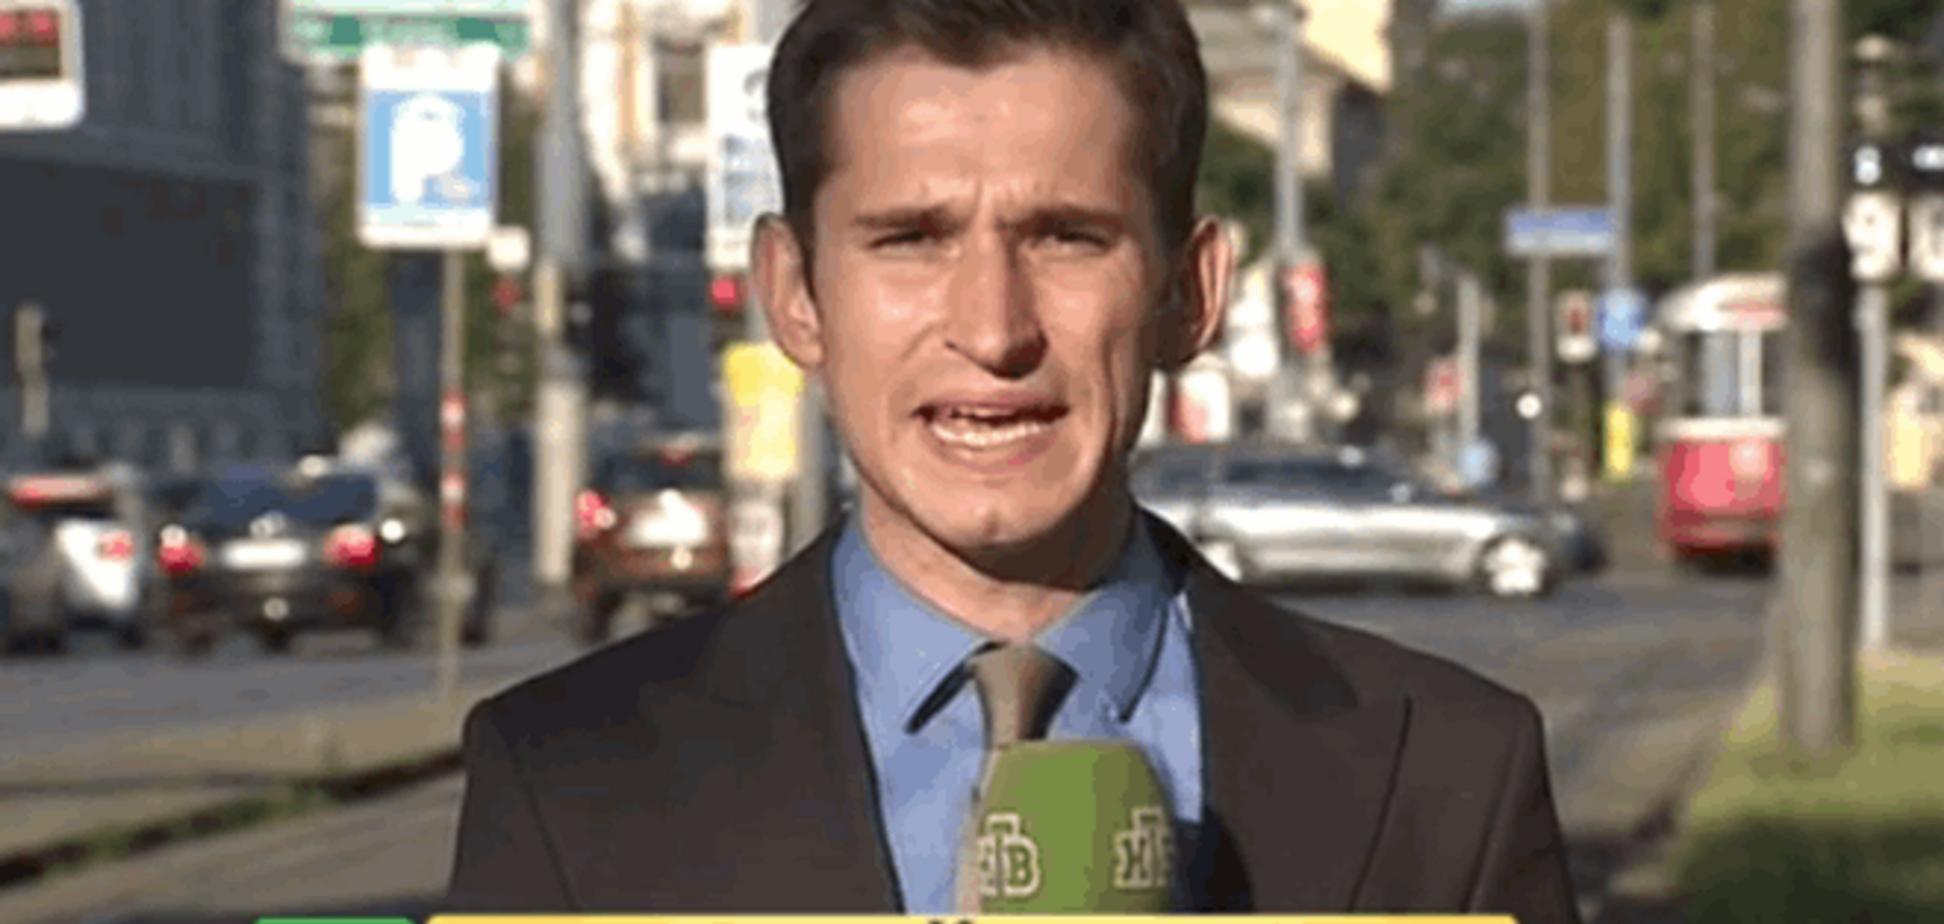 Громкий скандал в рядах пропагандистов: журналист 'НТВ' уволился после интервью о Путине на G7